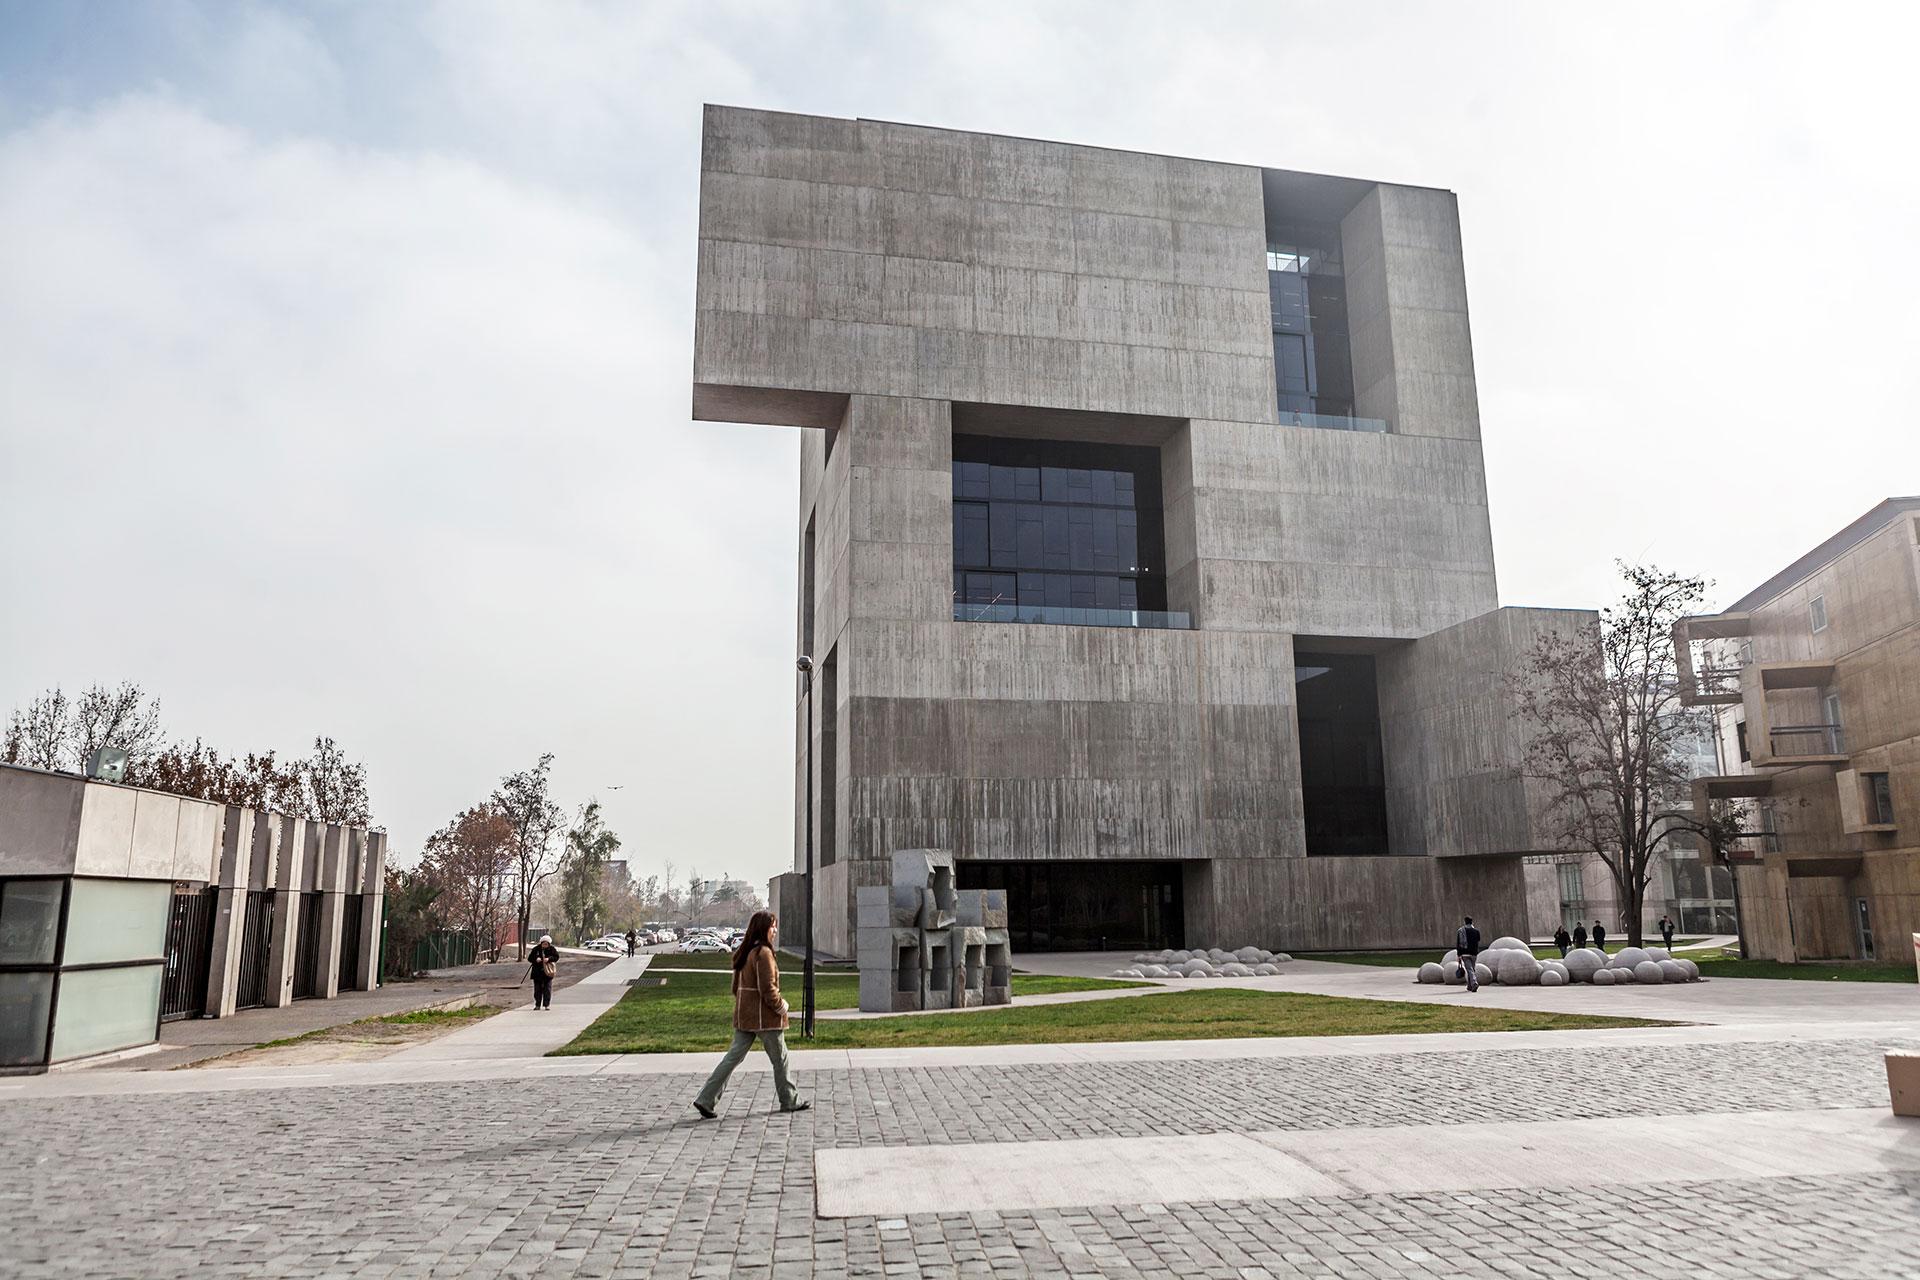 Centro de innovación Universidad Católica de Chile 2014